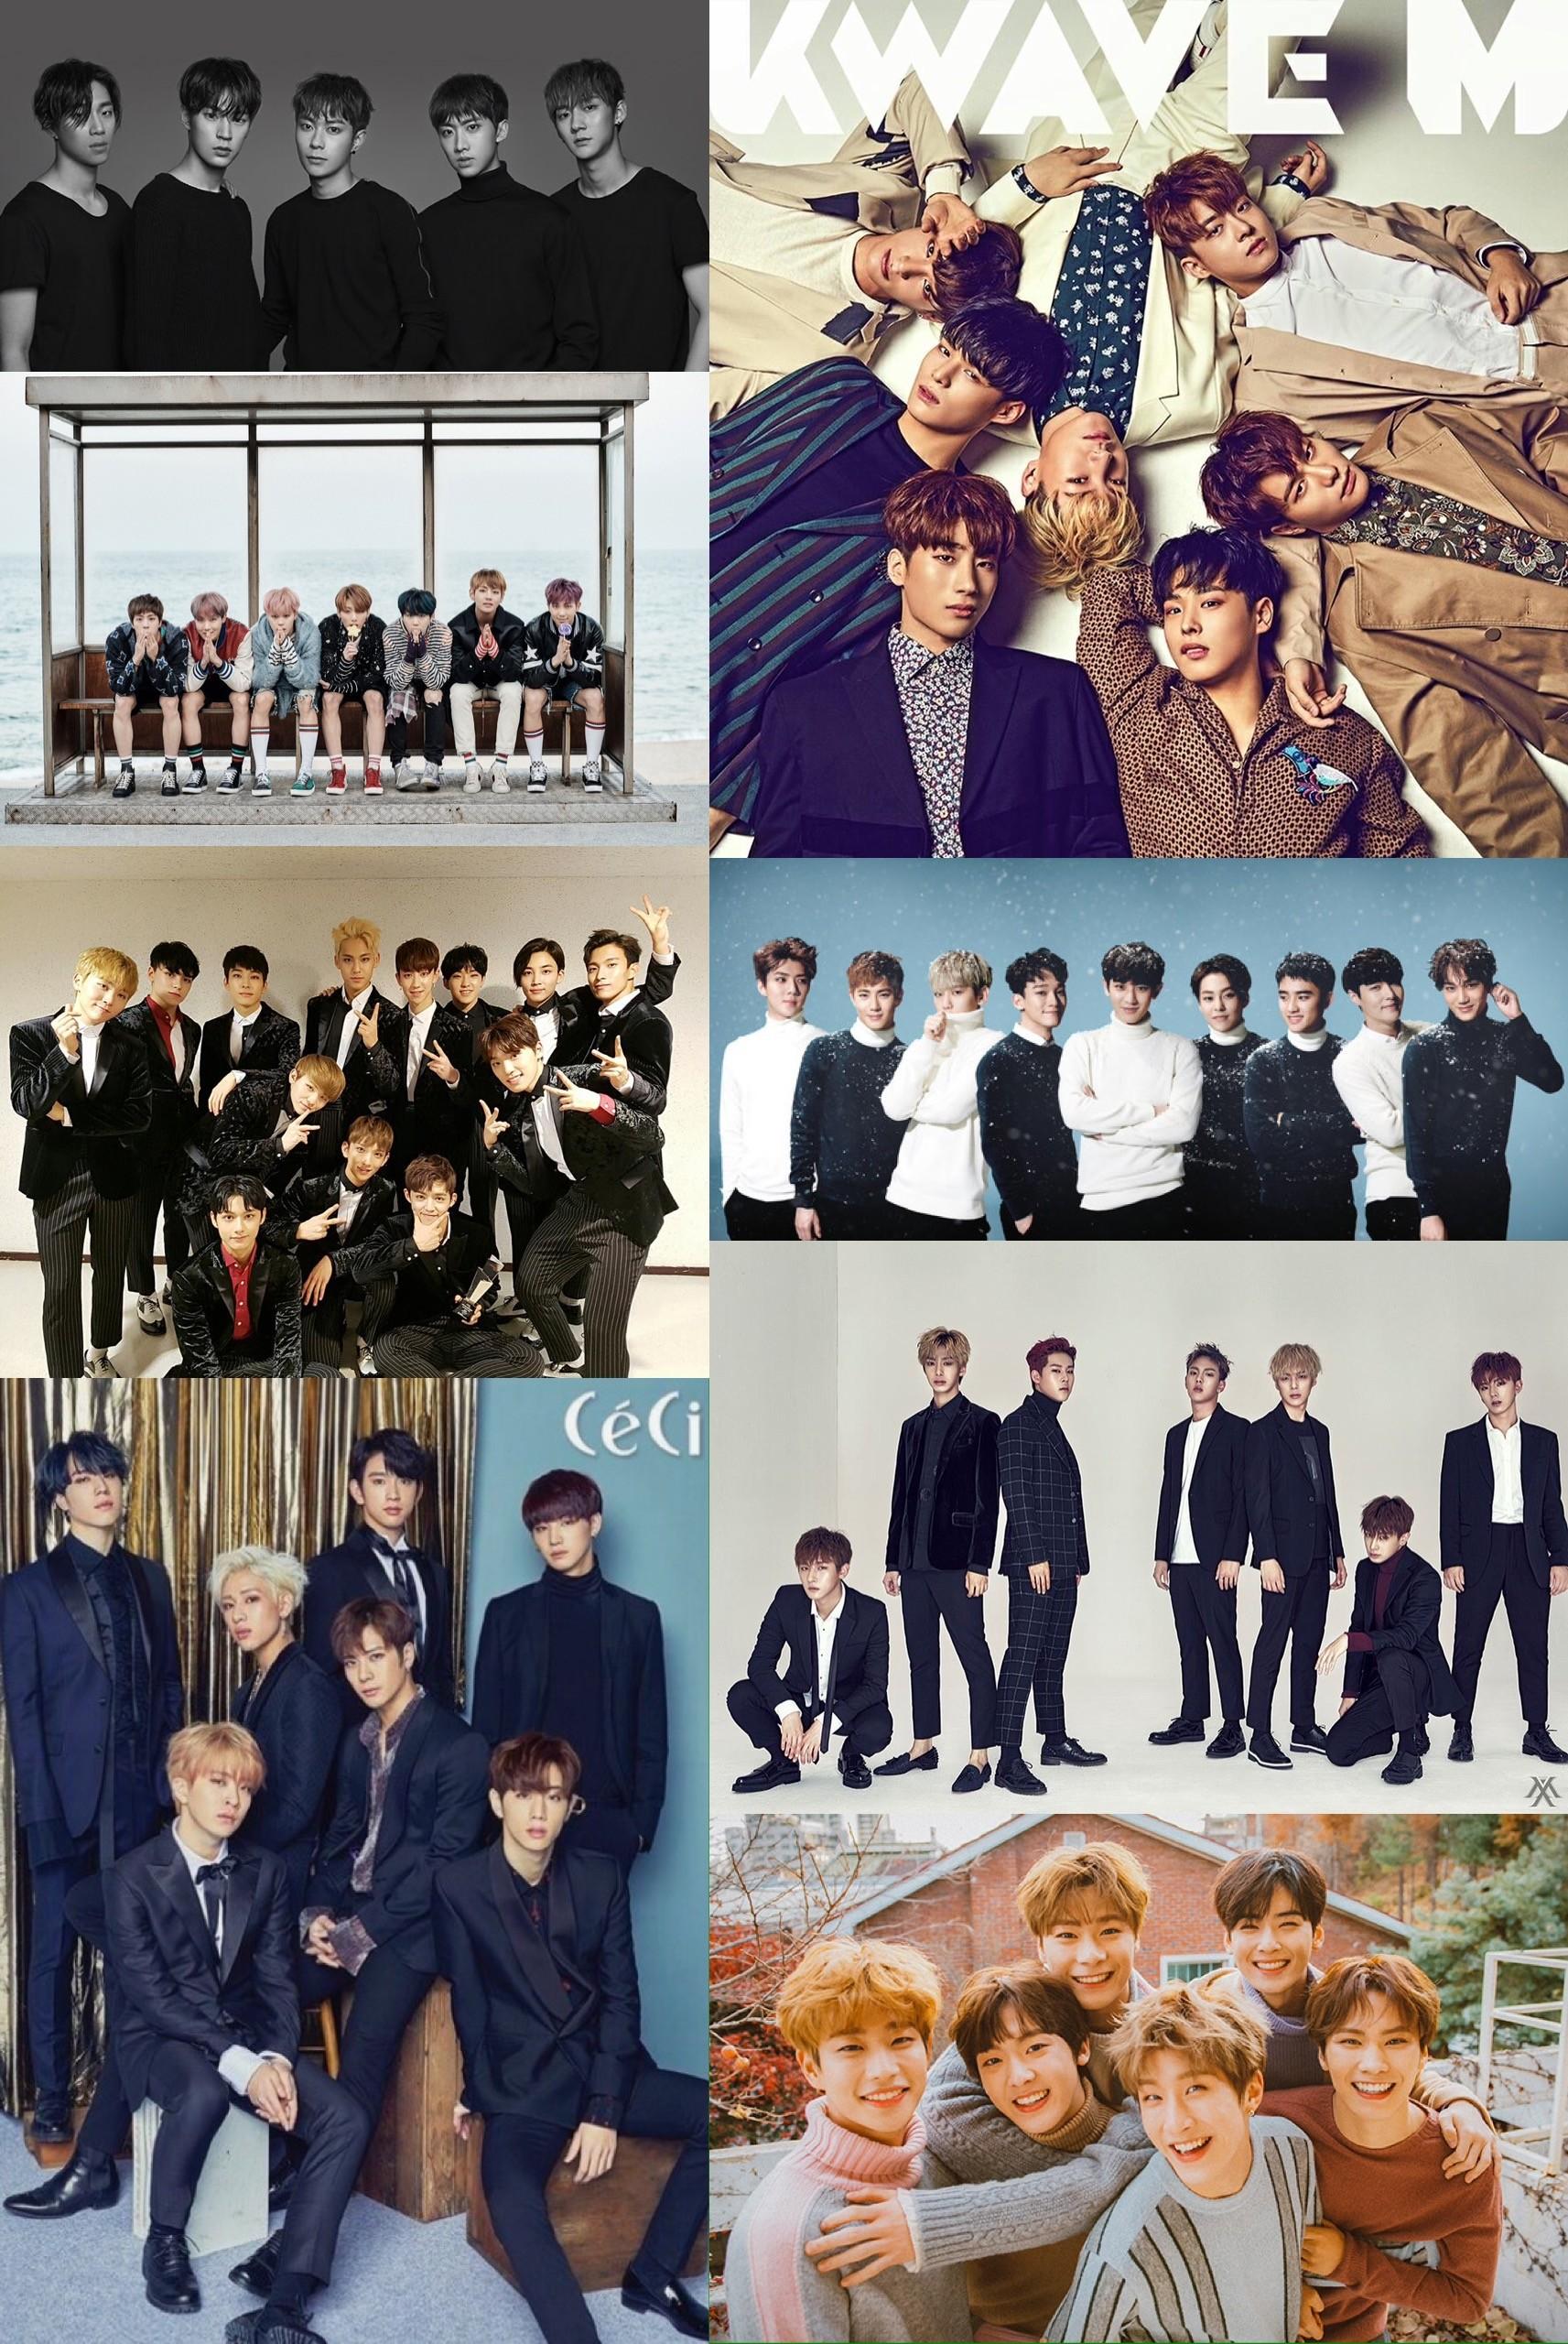 Kpop groups wallpaper. EXO, Monsta X, Victon, Got7, Seventeen, BTS